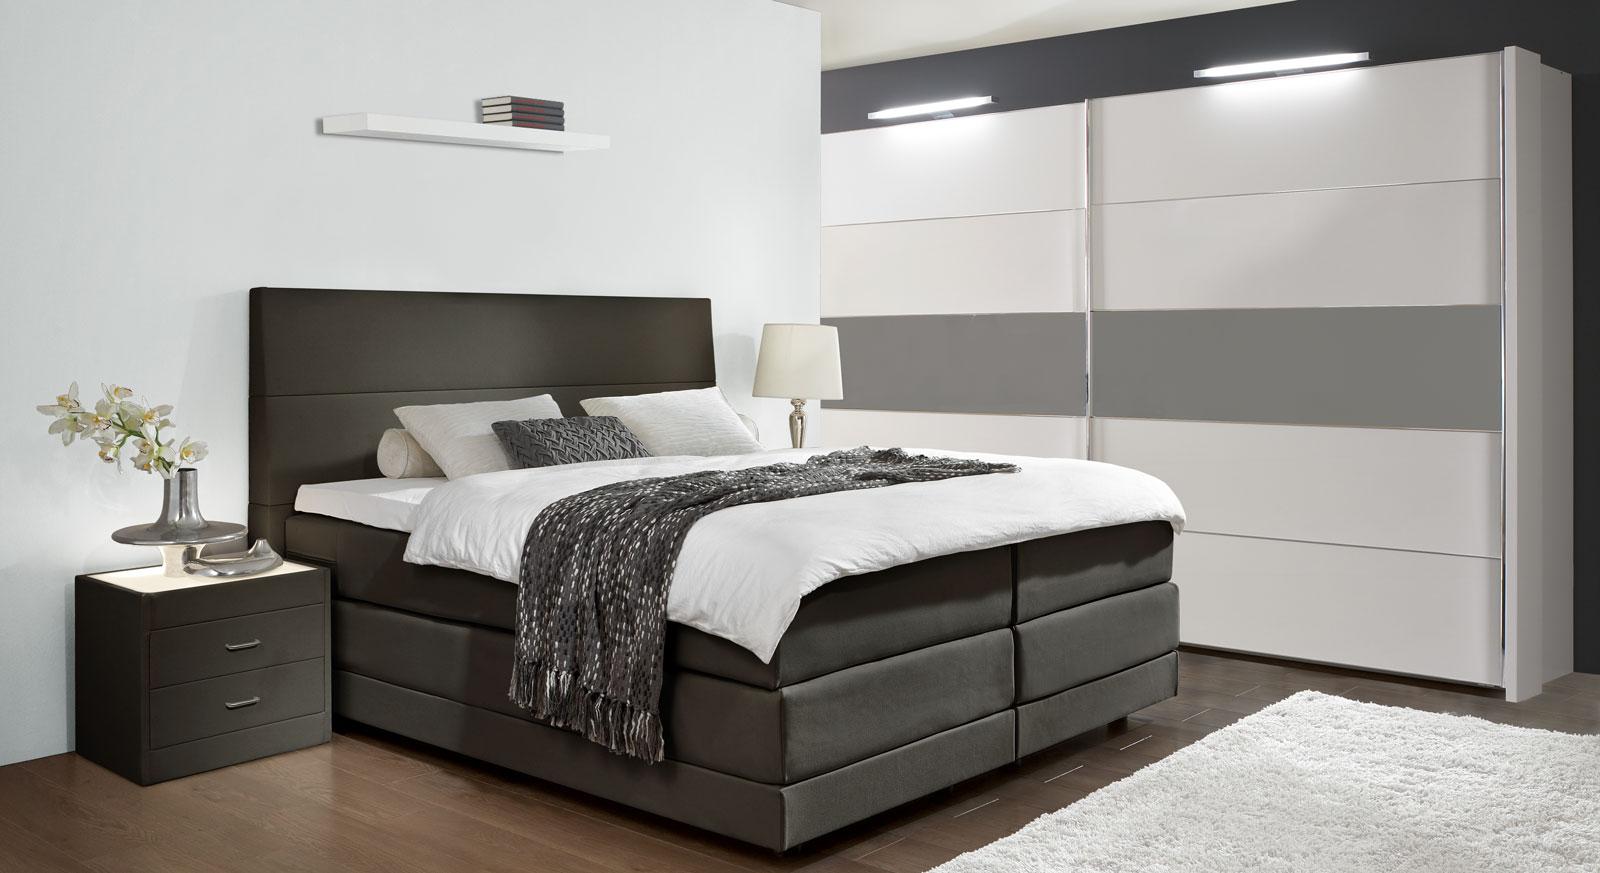 hulsta betten weis besser fernsehen medienm bel quot neo. Black Bedroom Furniture Sets. Home Design Ideas